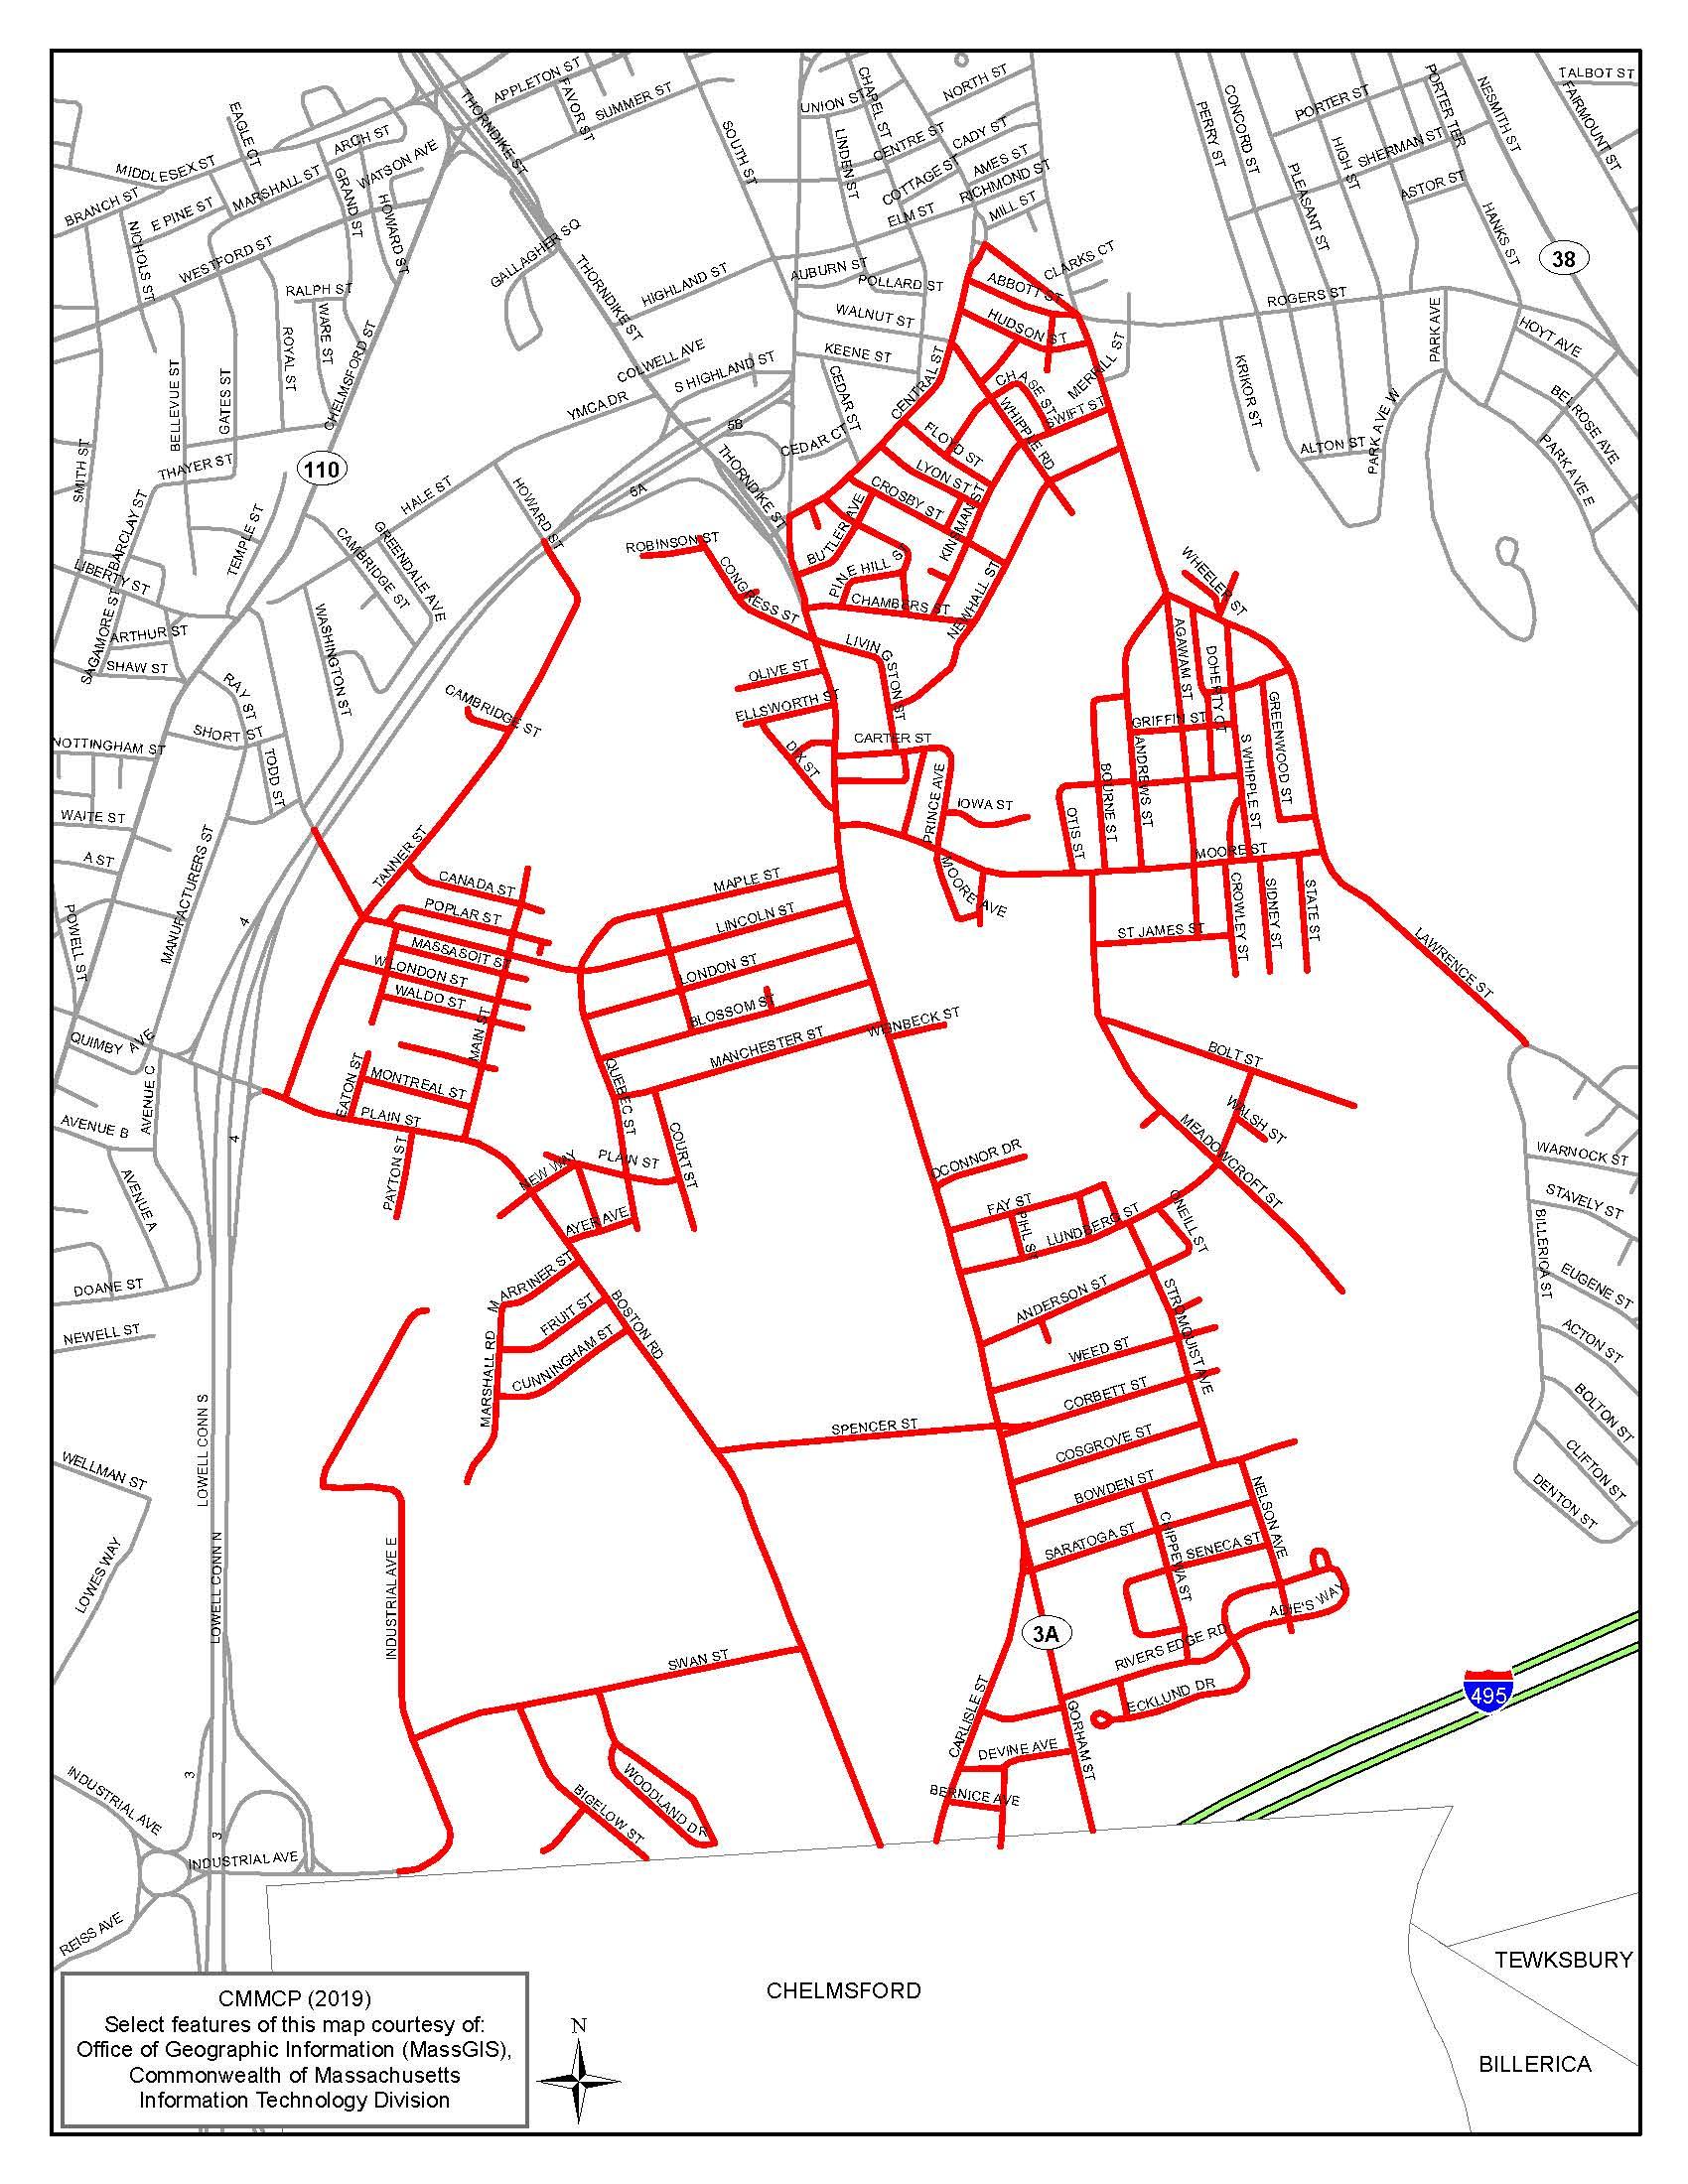 Lowell, MA on city street map manhattan ny, city street map jackson tn, city street map lincoln ne, city street map londonderry nh, city street map frankfort ky,